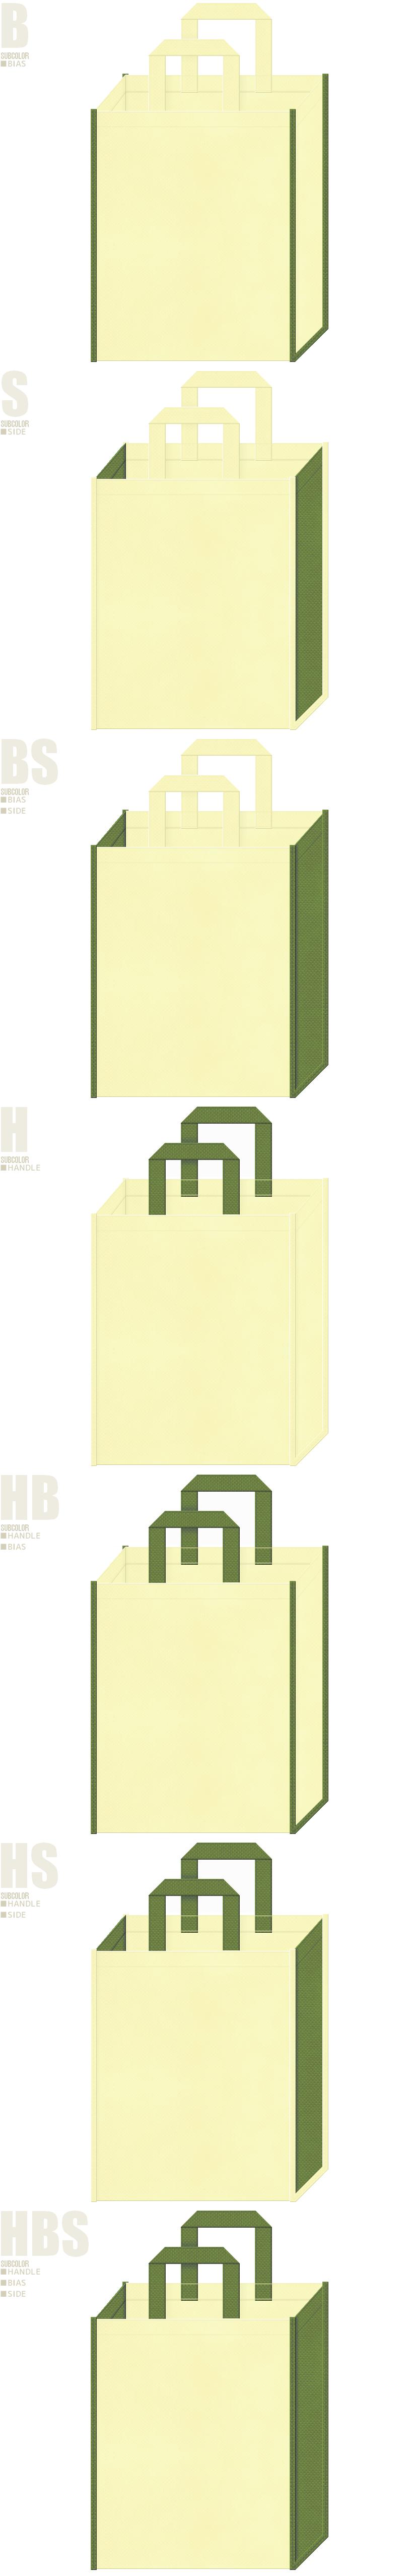 和菓子お買い物袋にお奨めの、薄黄色と草色、7パターンの不織布トートバッグ配色デザイン例。